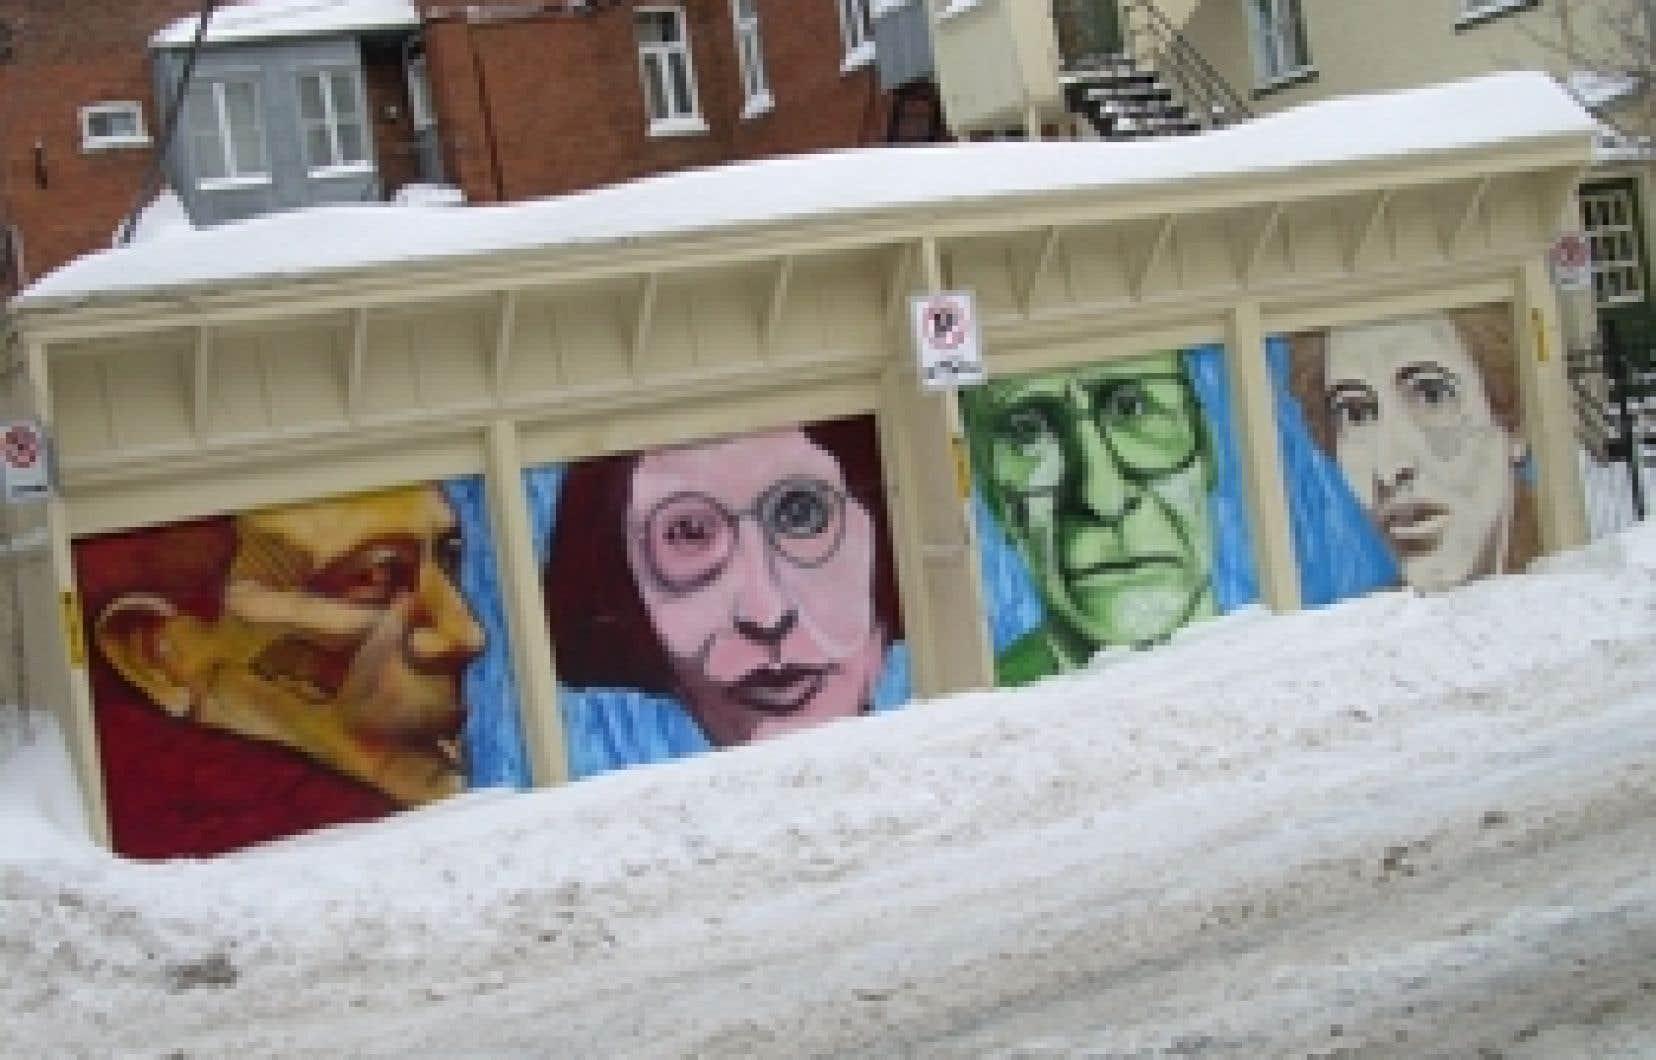 Les philosophes Albert Camus, Simone Weil, John Rawls et Hannah Arendt, vus par l'artiste et ancien graffiteur Reuben Peter-Finley.